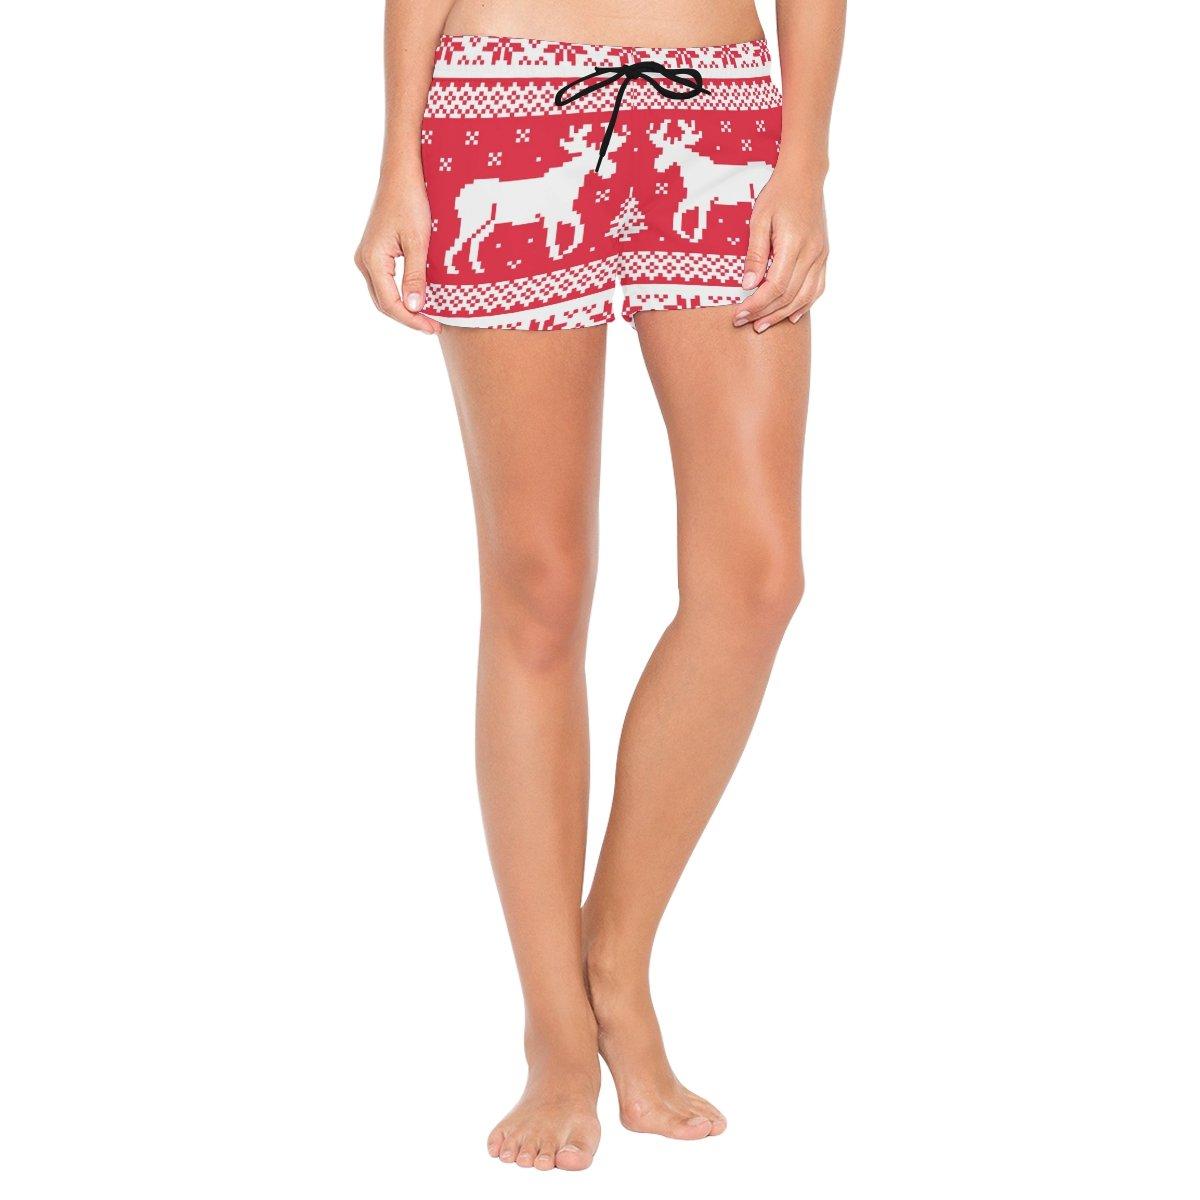 Bennigiry Women Merry Christmas Beach Shorts Summer Casual Bottom Swimsuit ndk-001